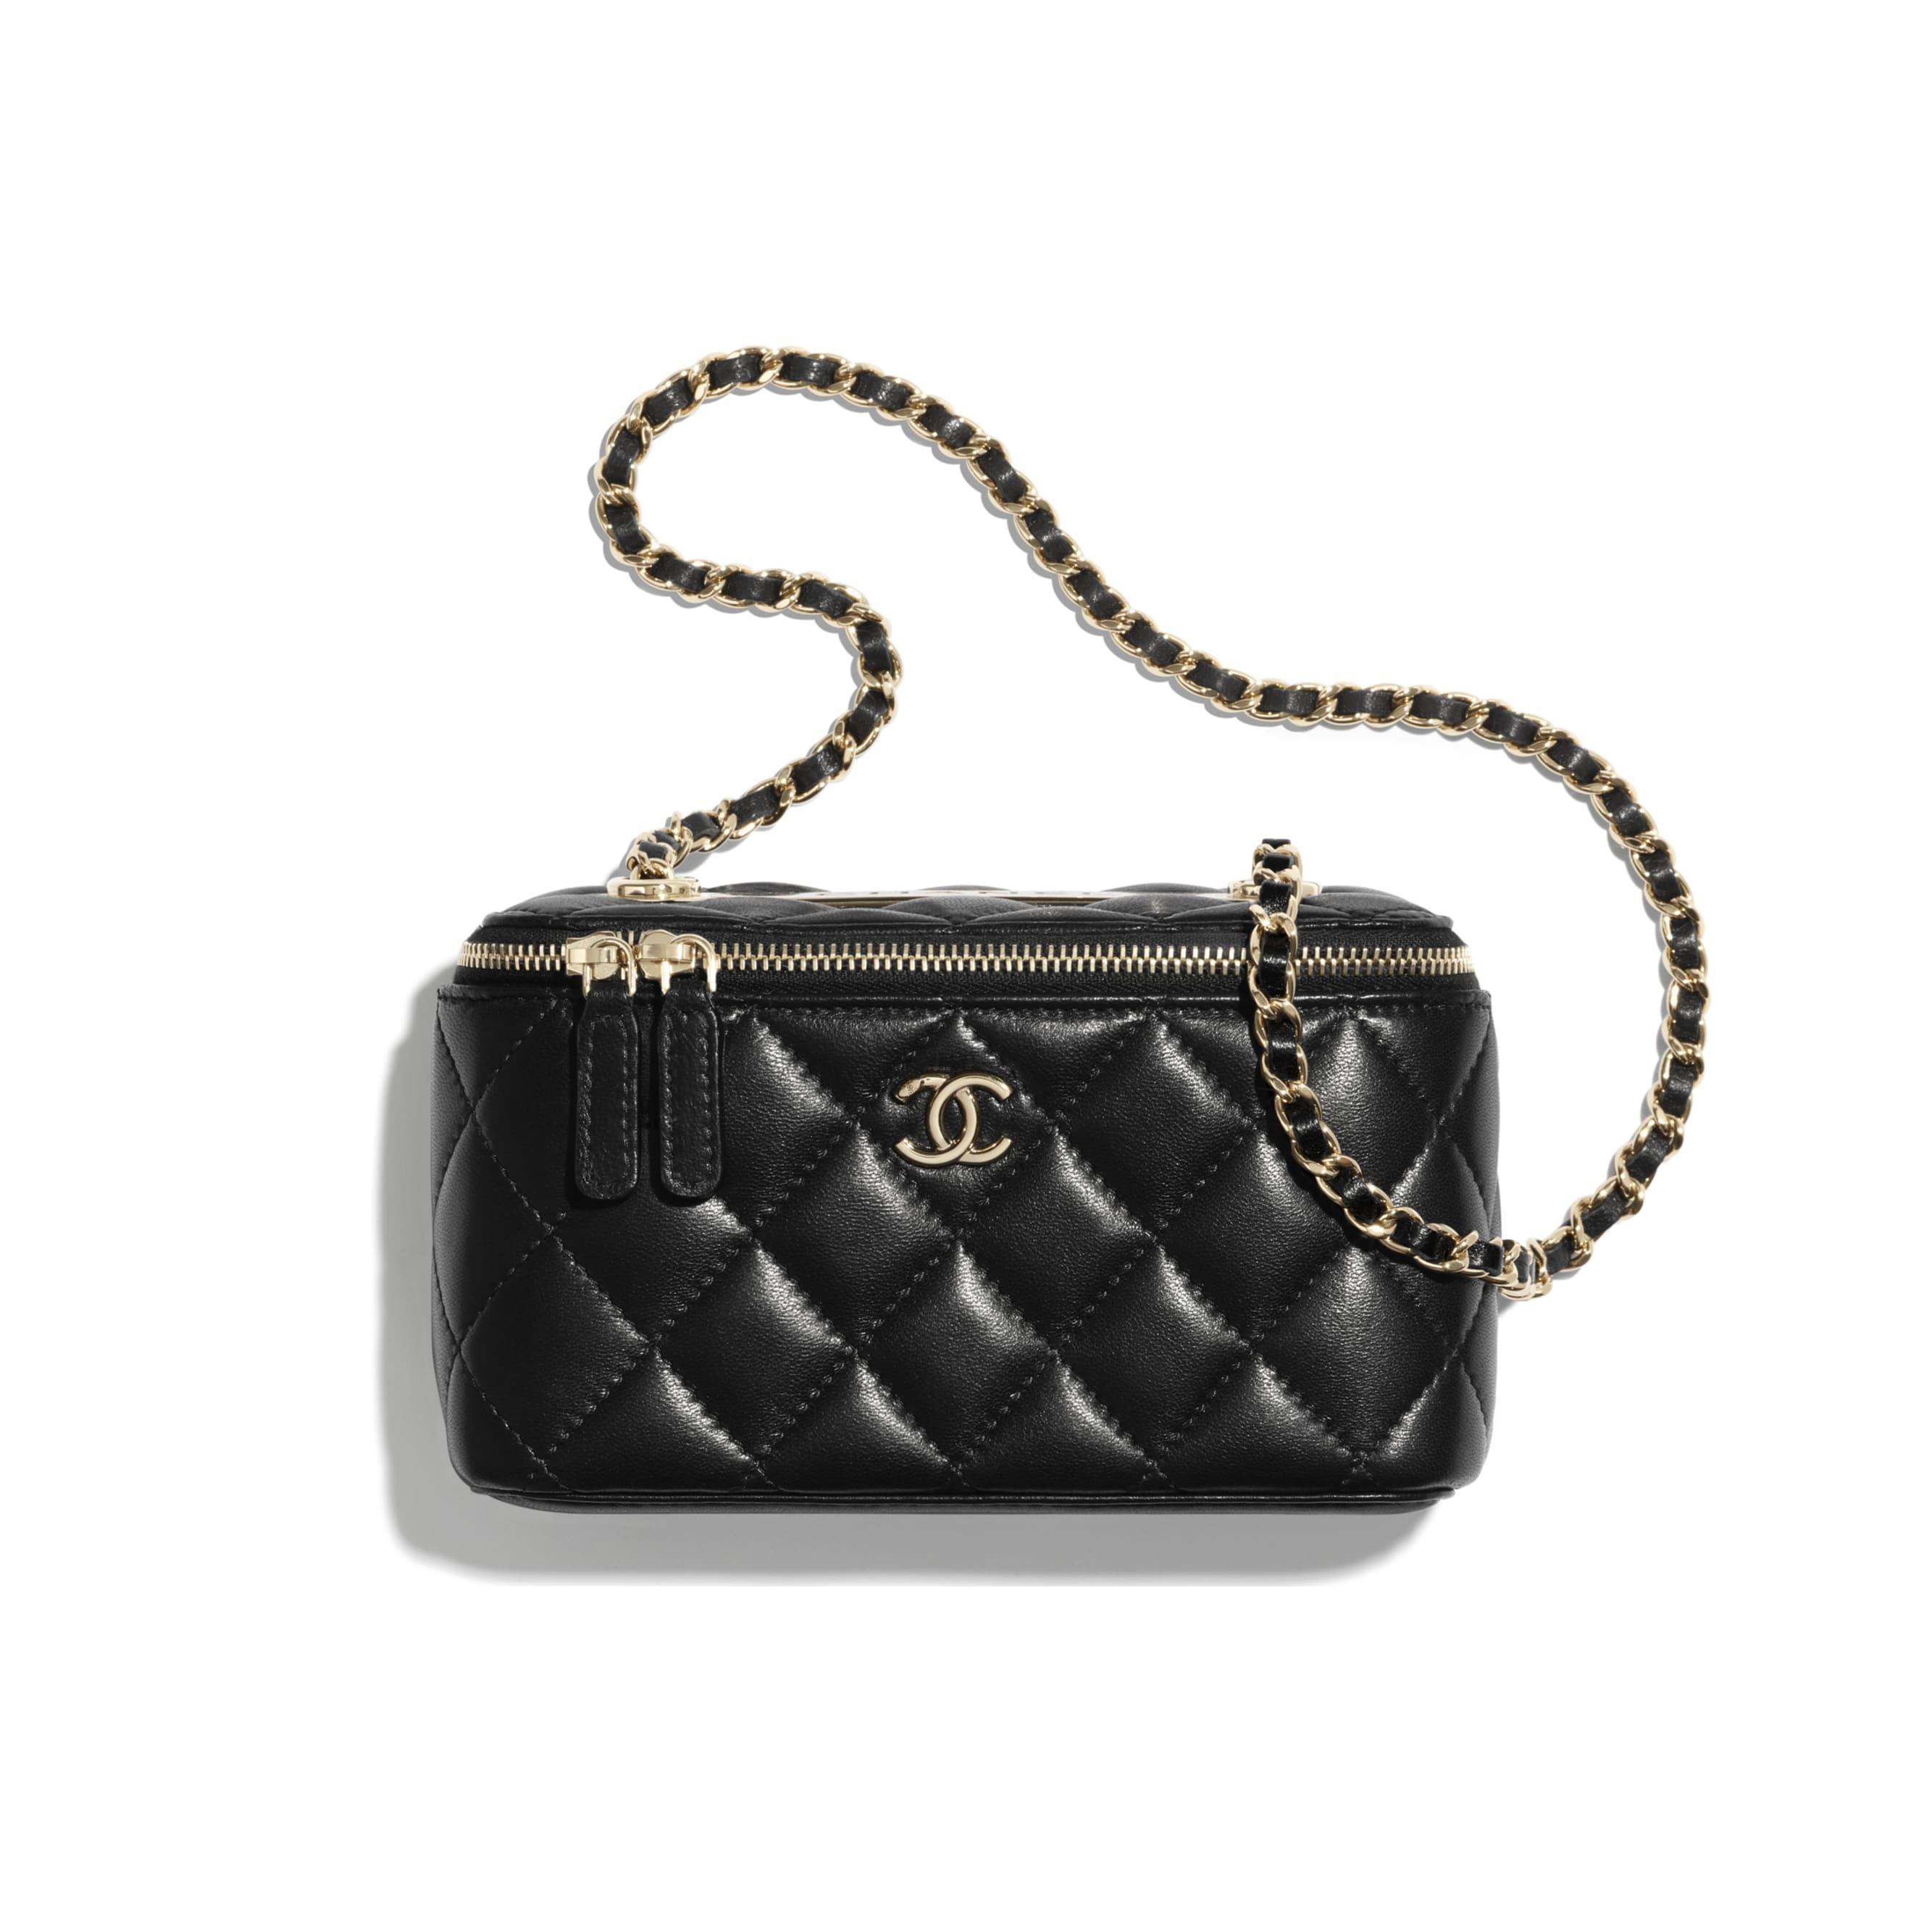 Vanity con cadena clásica - Negro - Piel de cordero y metal plateado - CHANEL - Vista por defecto - ver la versión tamaño estándar